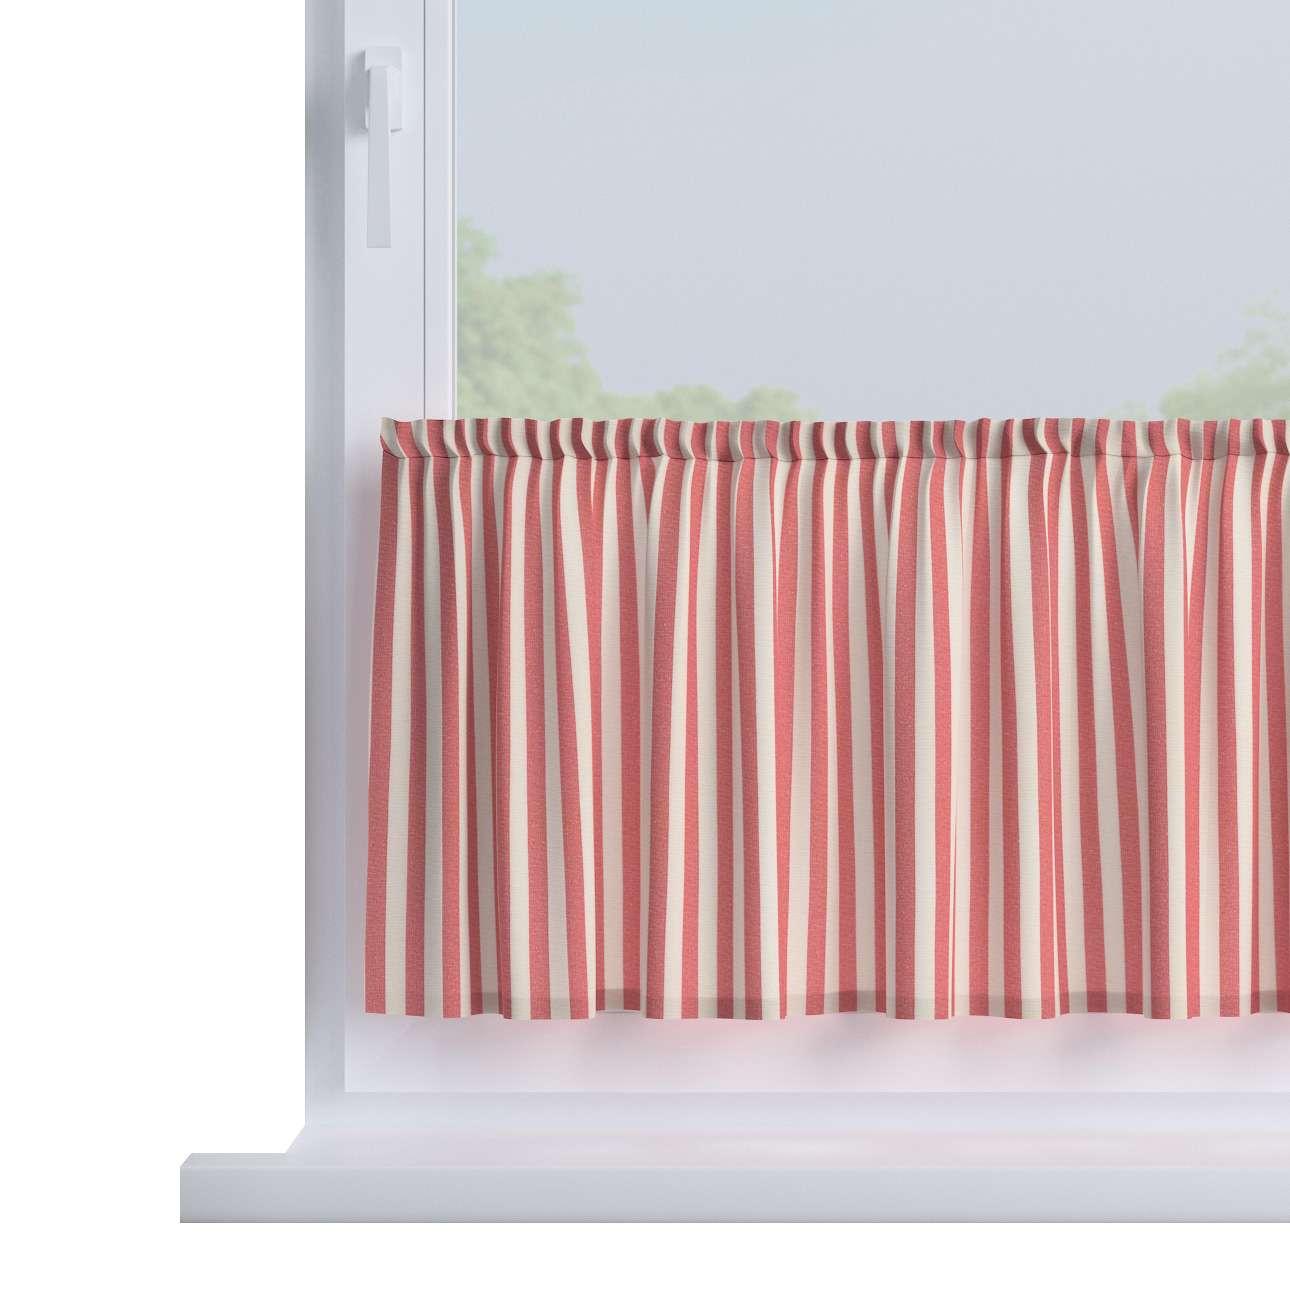 Vitrážka jednoduchá, metráž V kolekcii Quadro, tkanina: 136-17